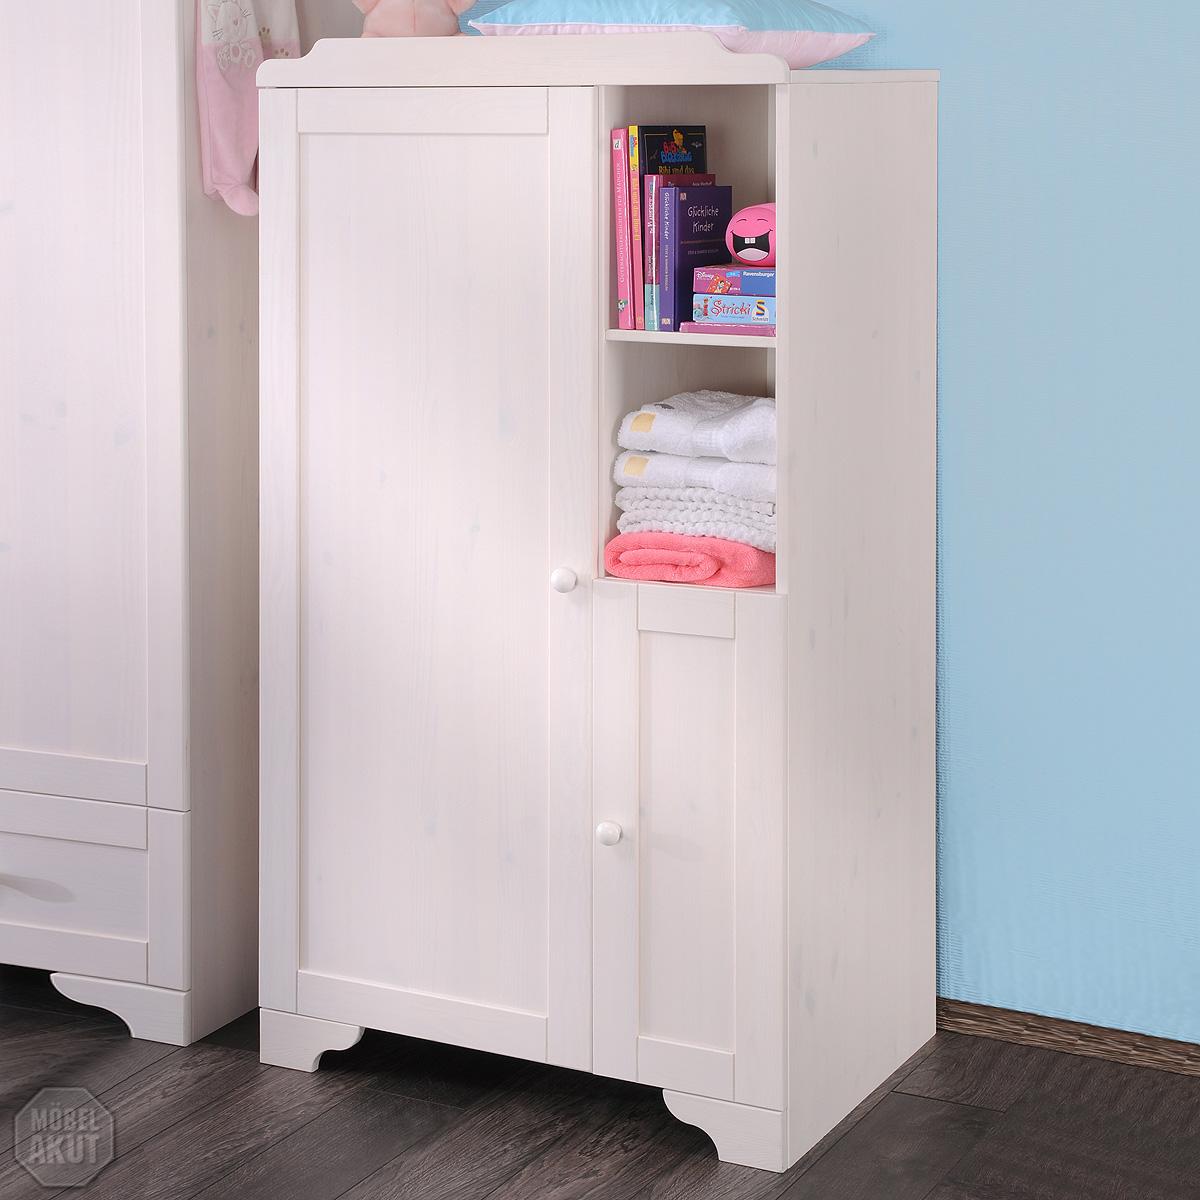 kommode vita w scheschrank babyzimmer in kiefer massiv wei gewachst ebay. Black Bedroom Furniture Sets. Home Design Ideas